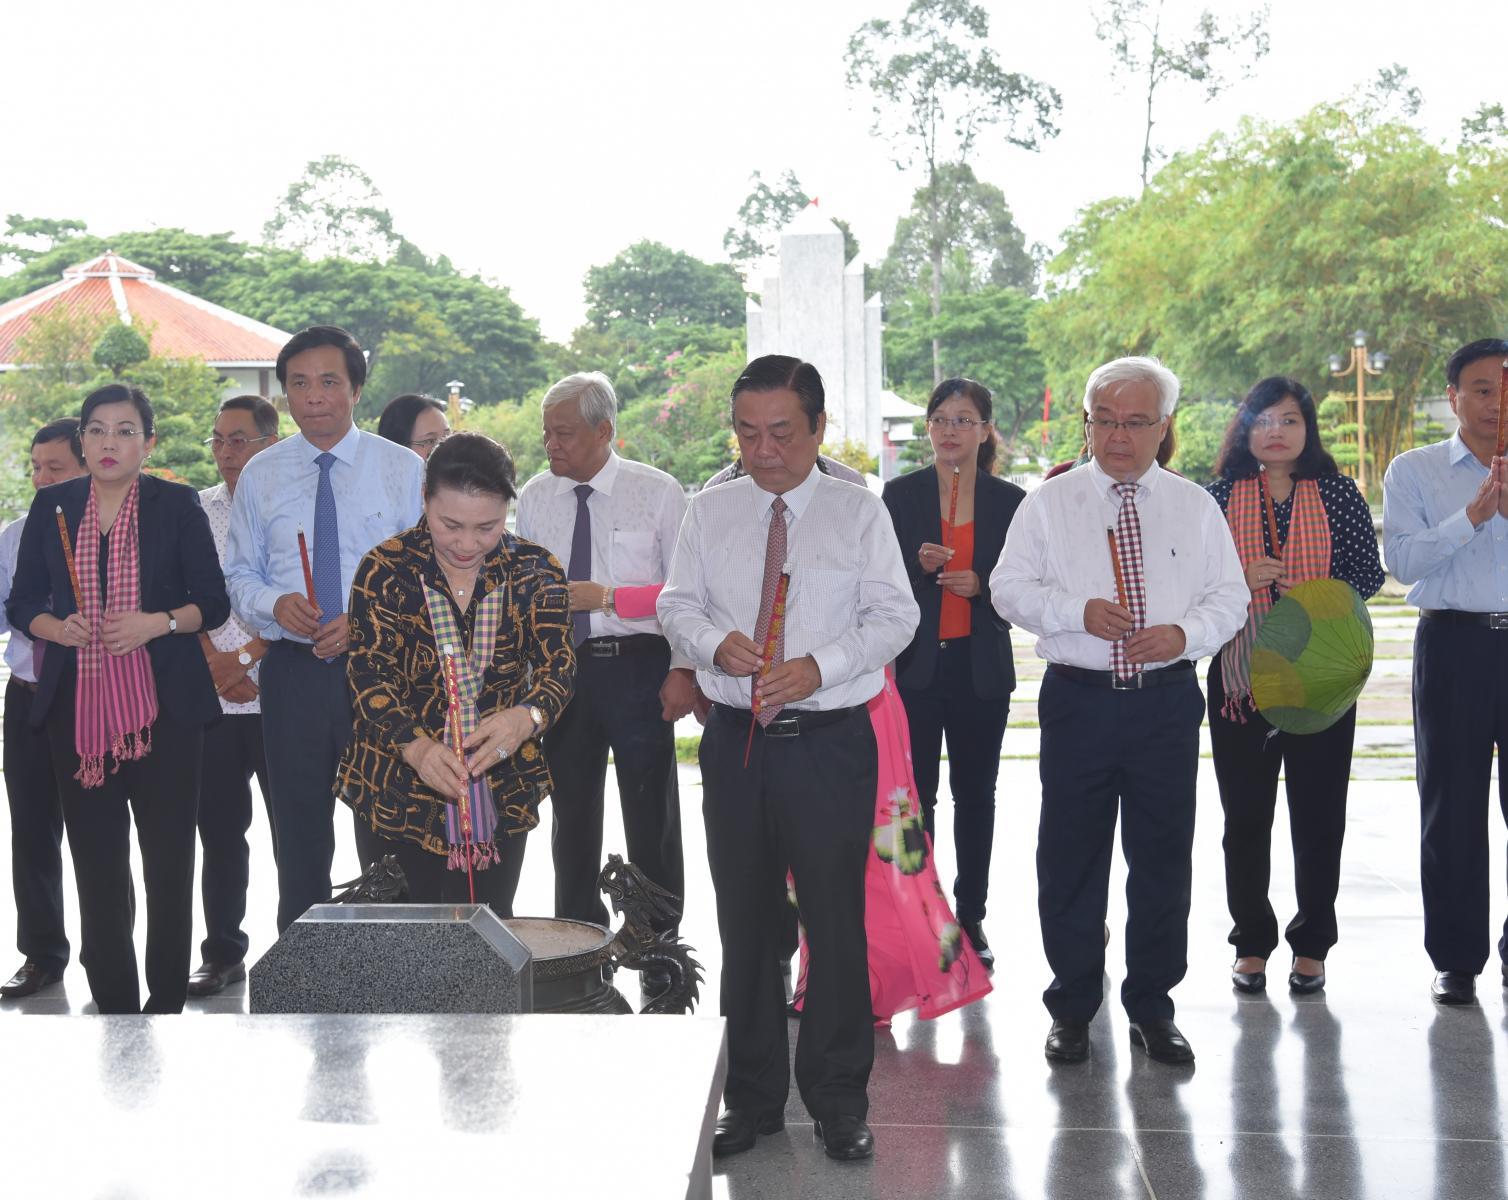 Chủ tịch Quốc hội Nguyễn Thị Kim Ngân  viếng mộ cụ Phó bảng Nguyễn Sinh Sắc -Thân sinh của Chủ tịch Hồ Chí Minh